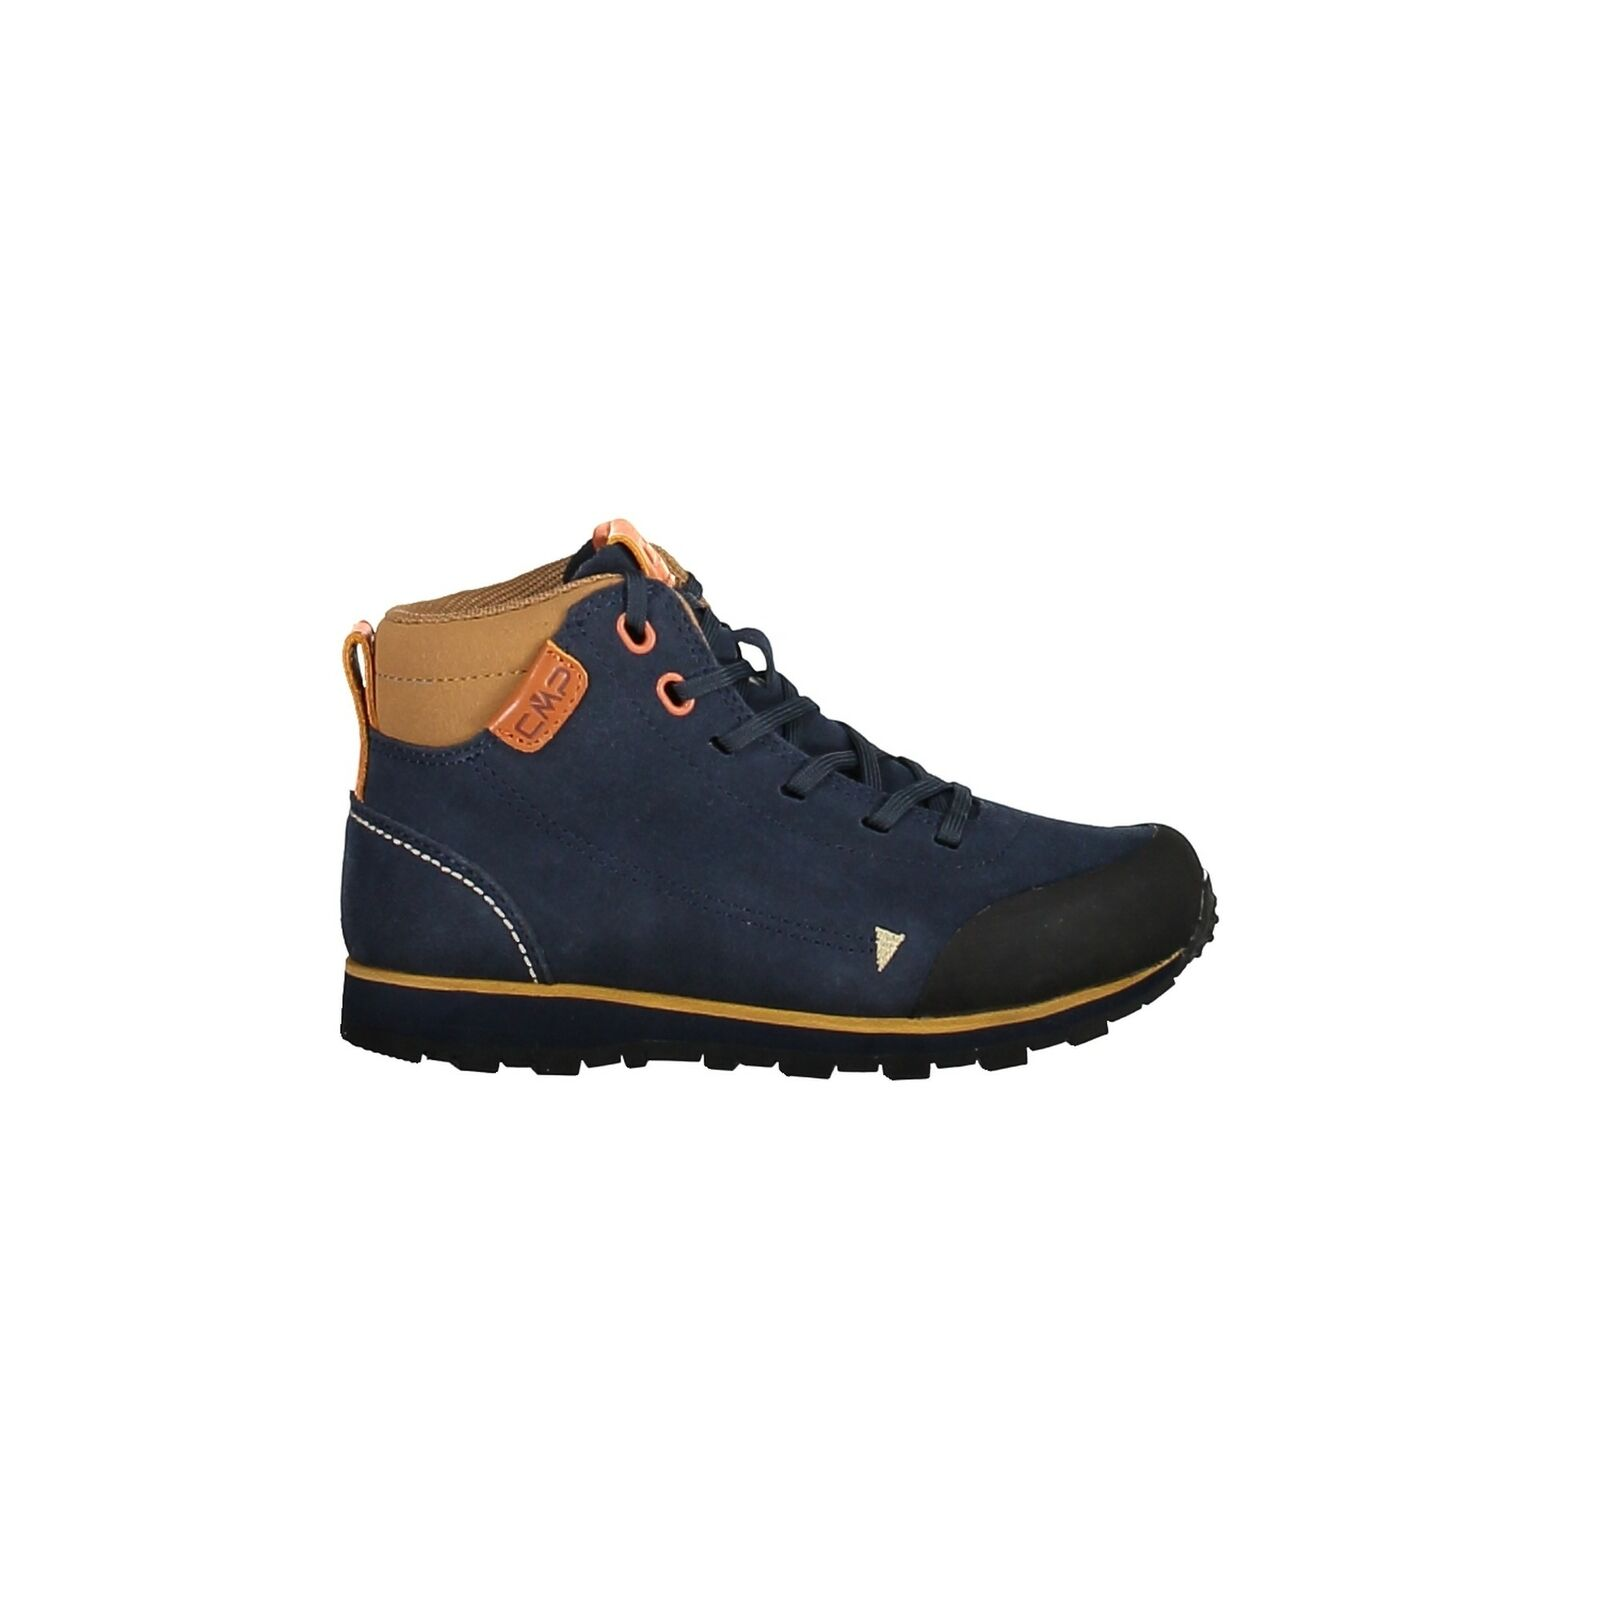 CMP Wanderschuhe Outdoorschuh Kids Elettra Mid Hiking  shoes dunkelblue Unifarben  official website